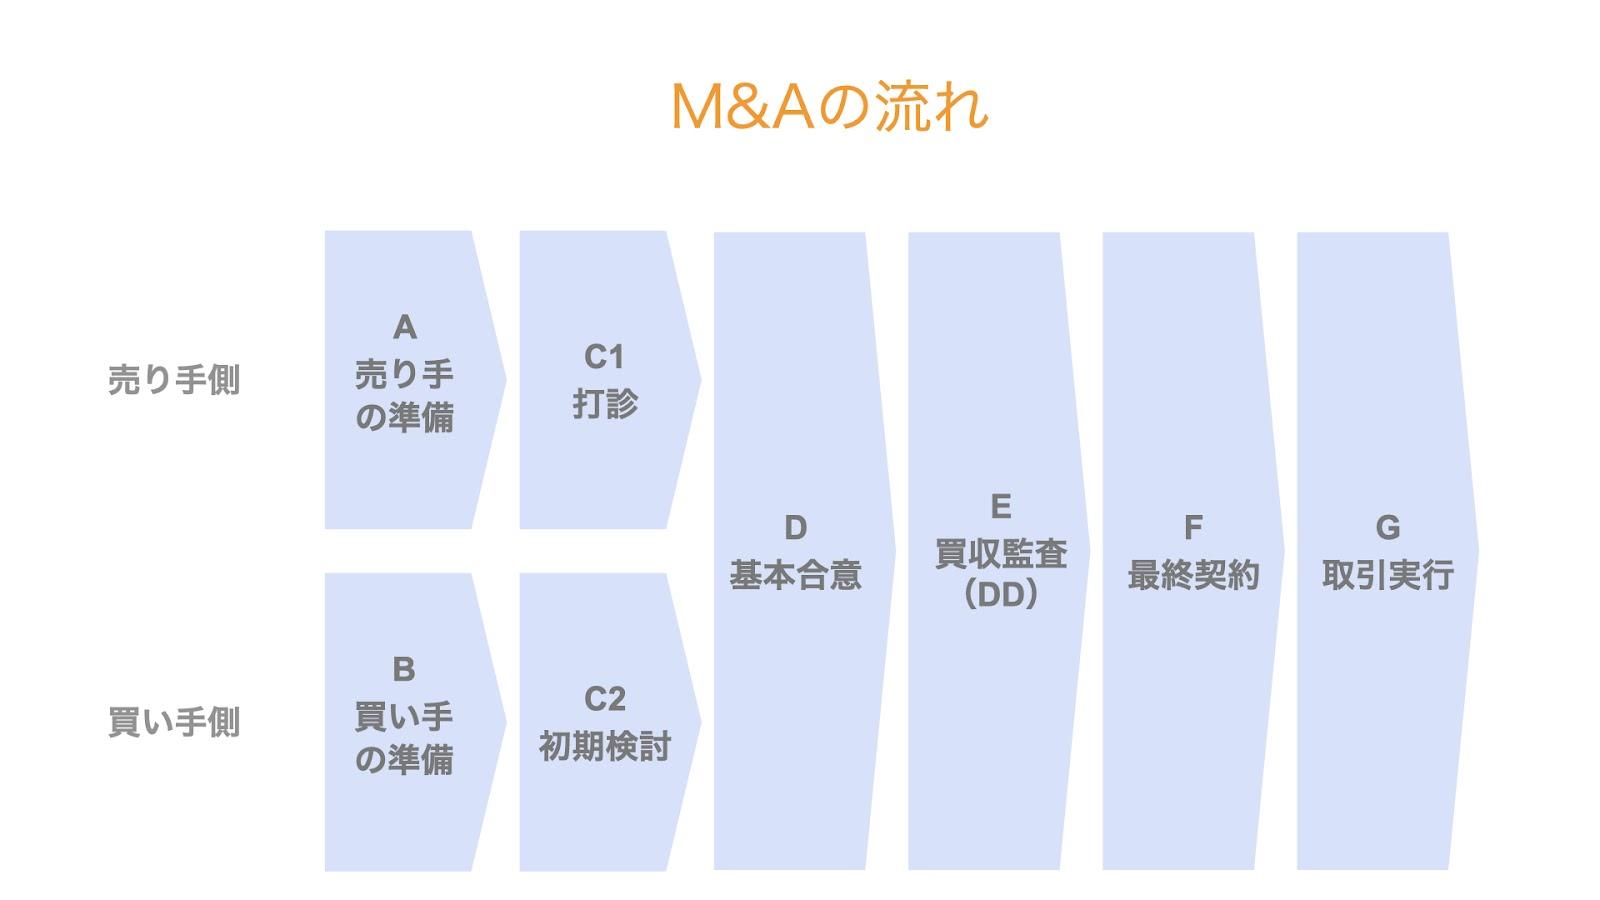 M&Aの流れの全体像